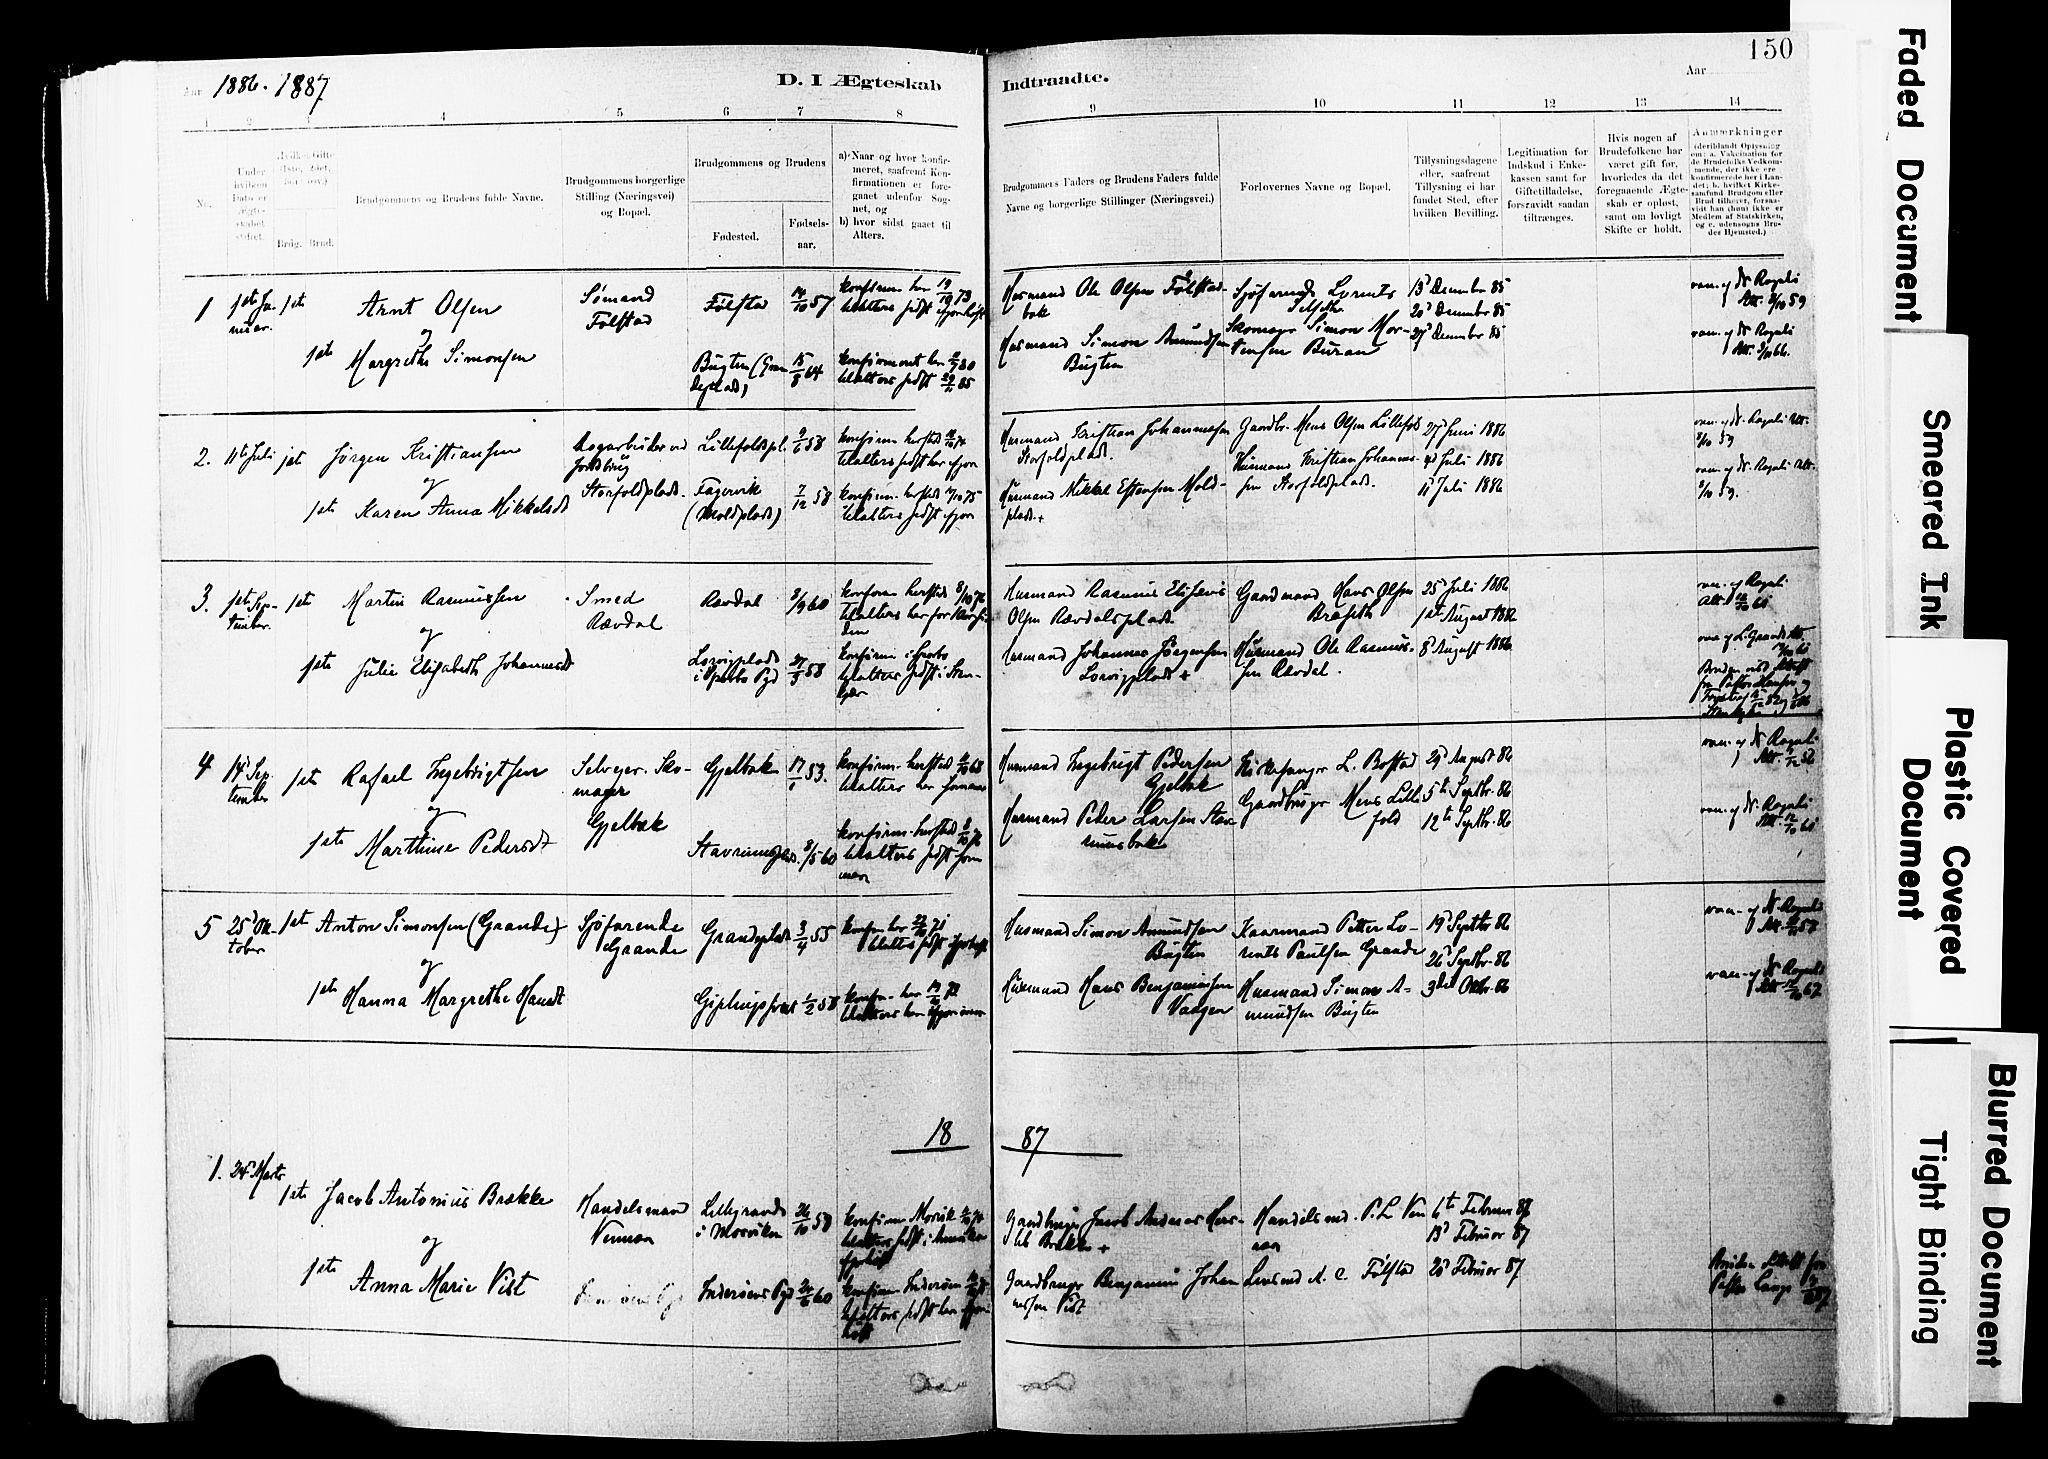 SAT, Ministerialprotokoller, klokkerbøker og fødselsregistre - Nord-Trøndelag, 744/L0420: Ministerialbok nr. 744A04, 1882-1904, s. 150